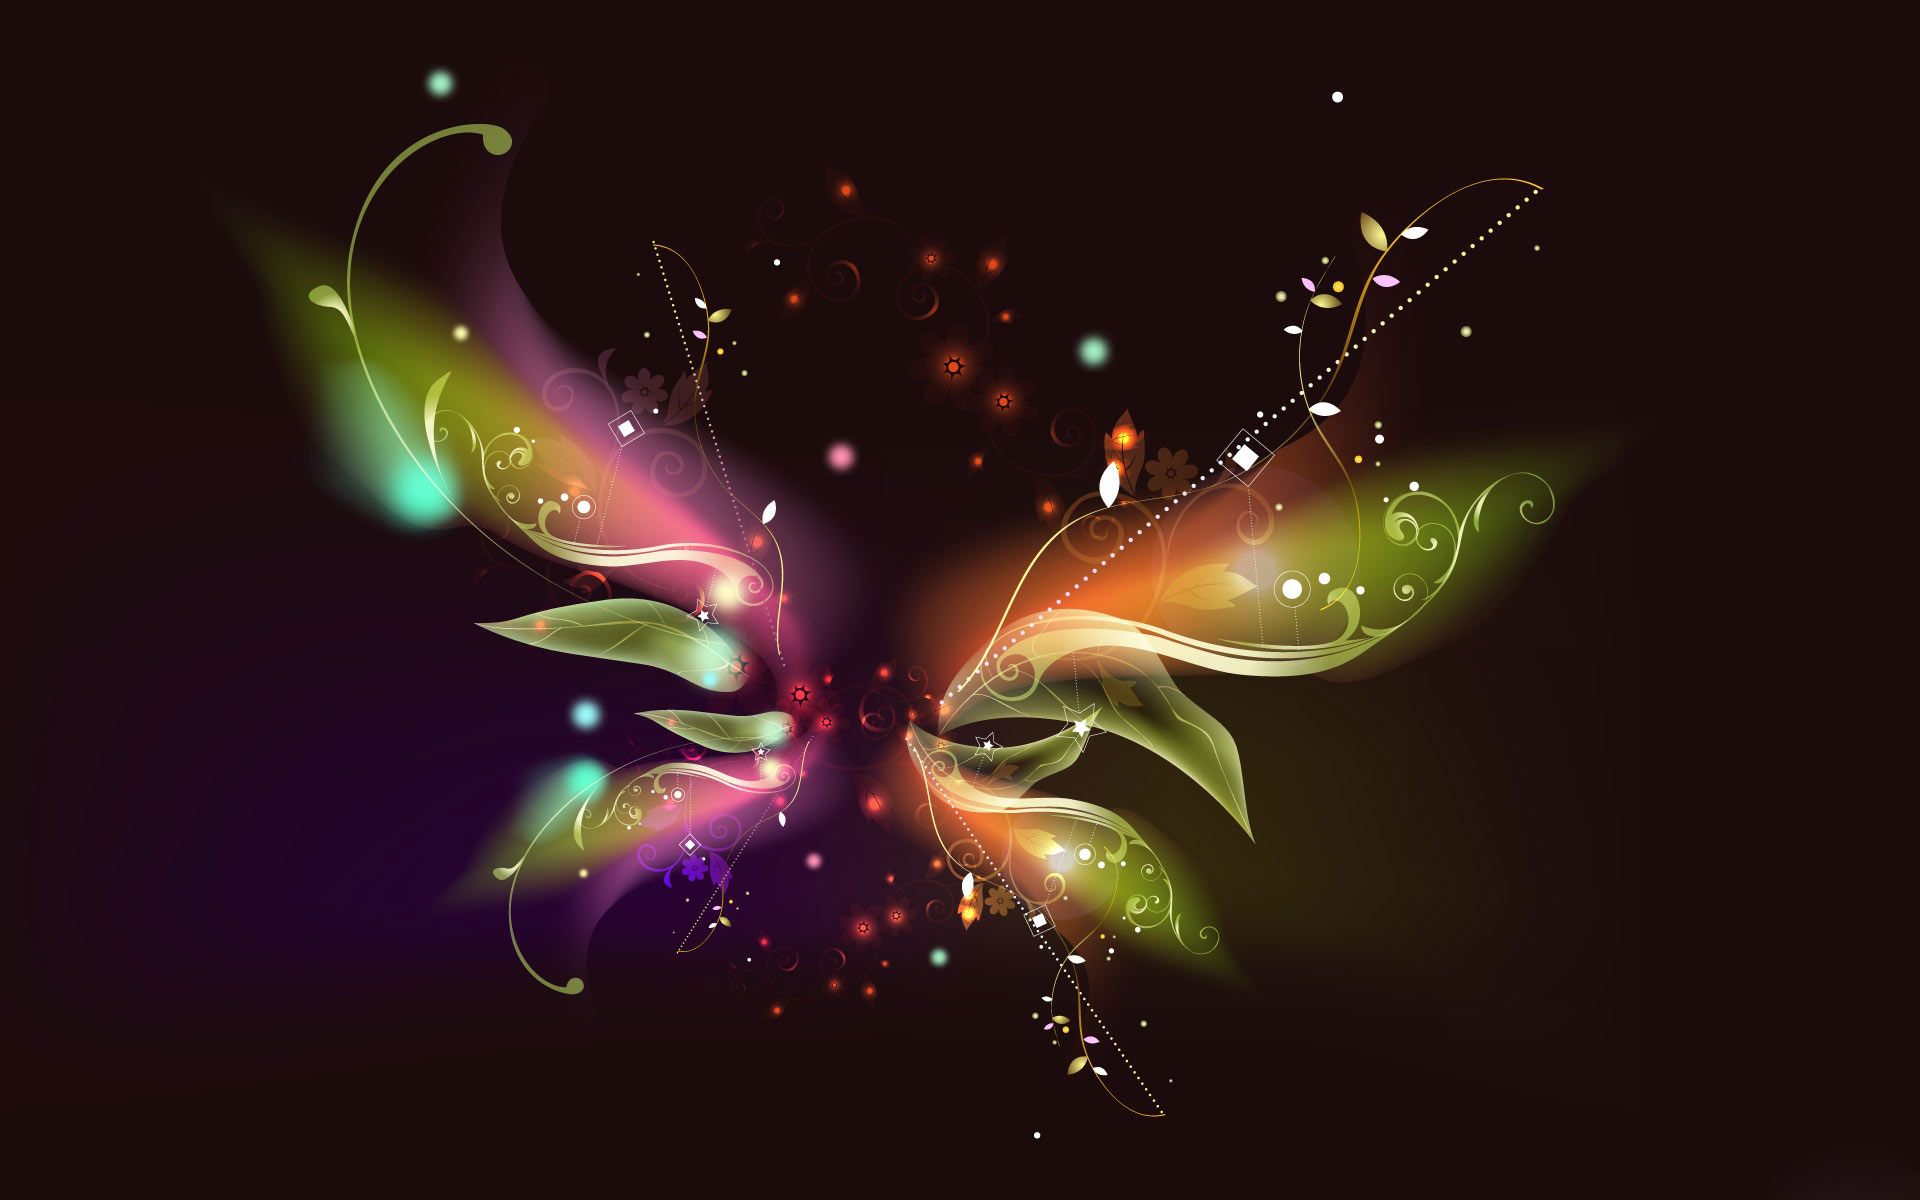 Butterfly 3D wallpaper 145669 1920x1200